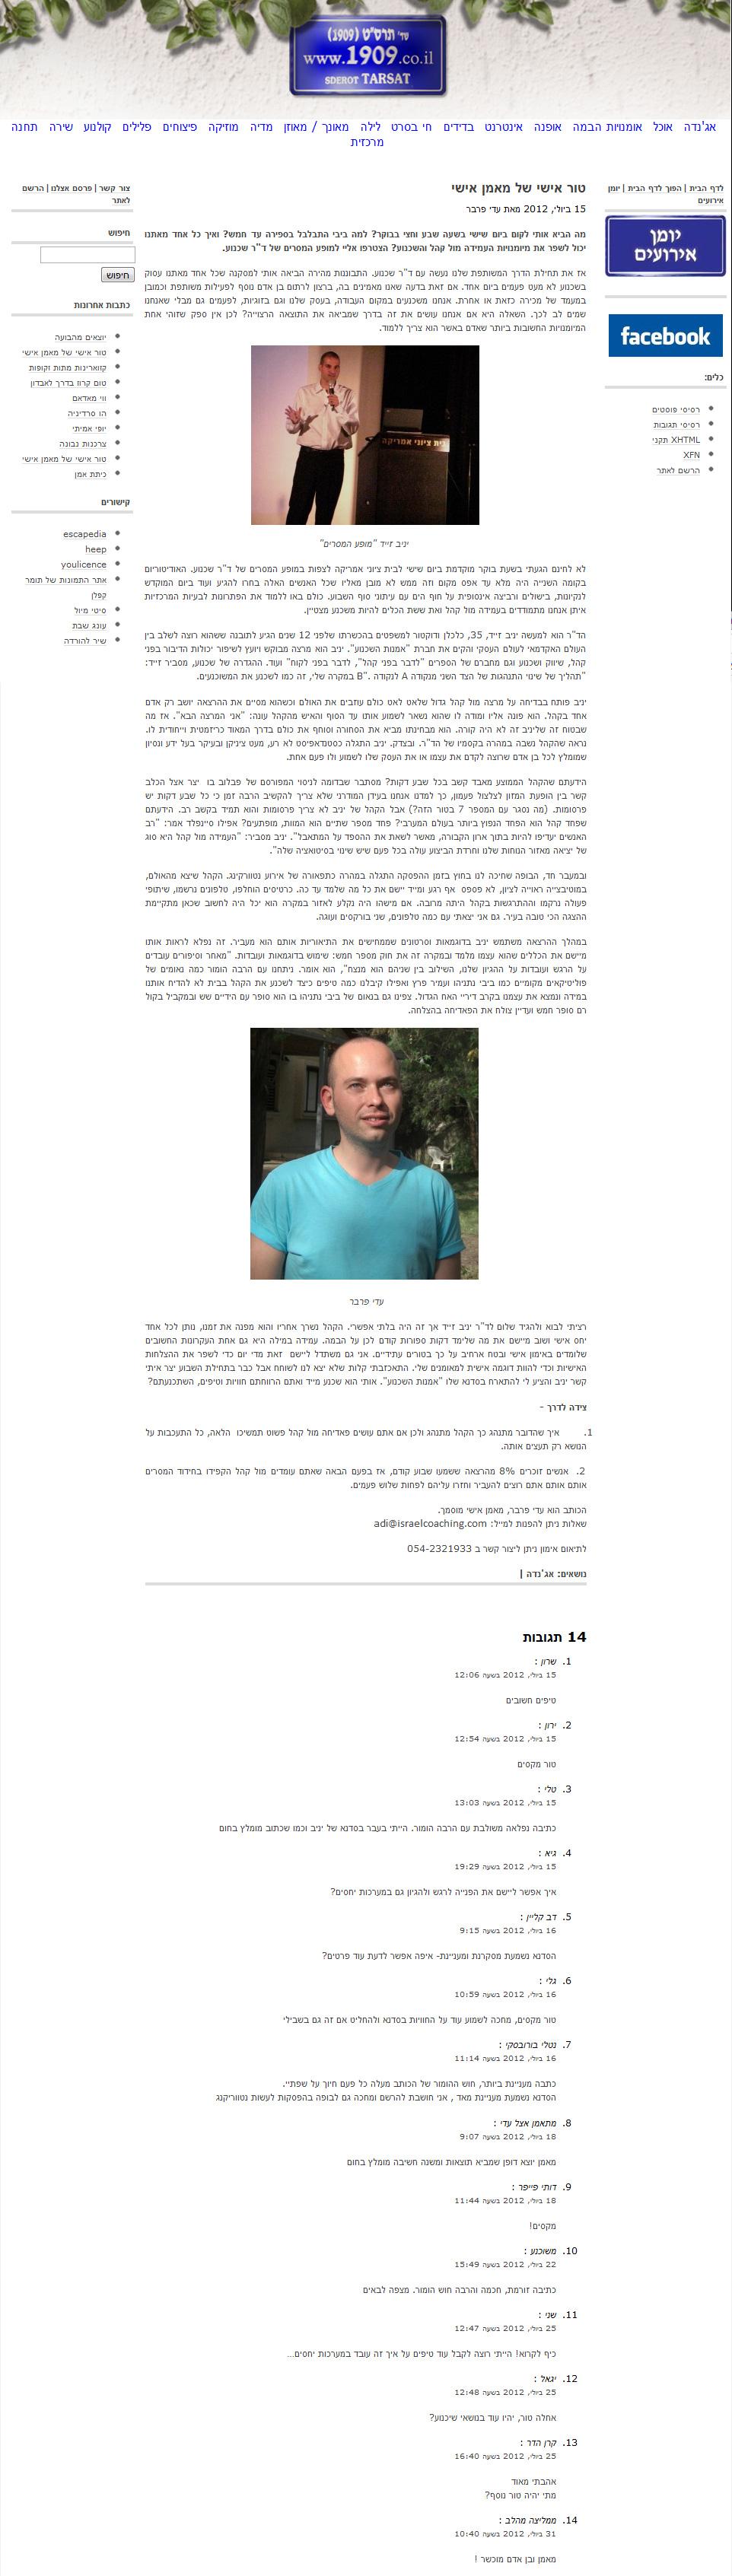 """הטור השבועי שלי בפורטל תל אביב והפעם על יניב זייד במופע המסרים של ד""""ר שכנוע"""